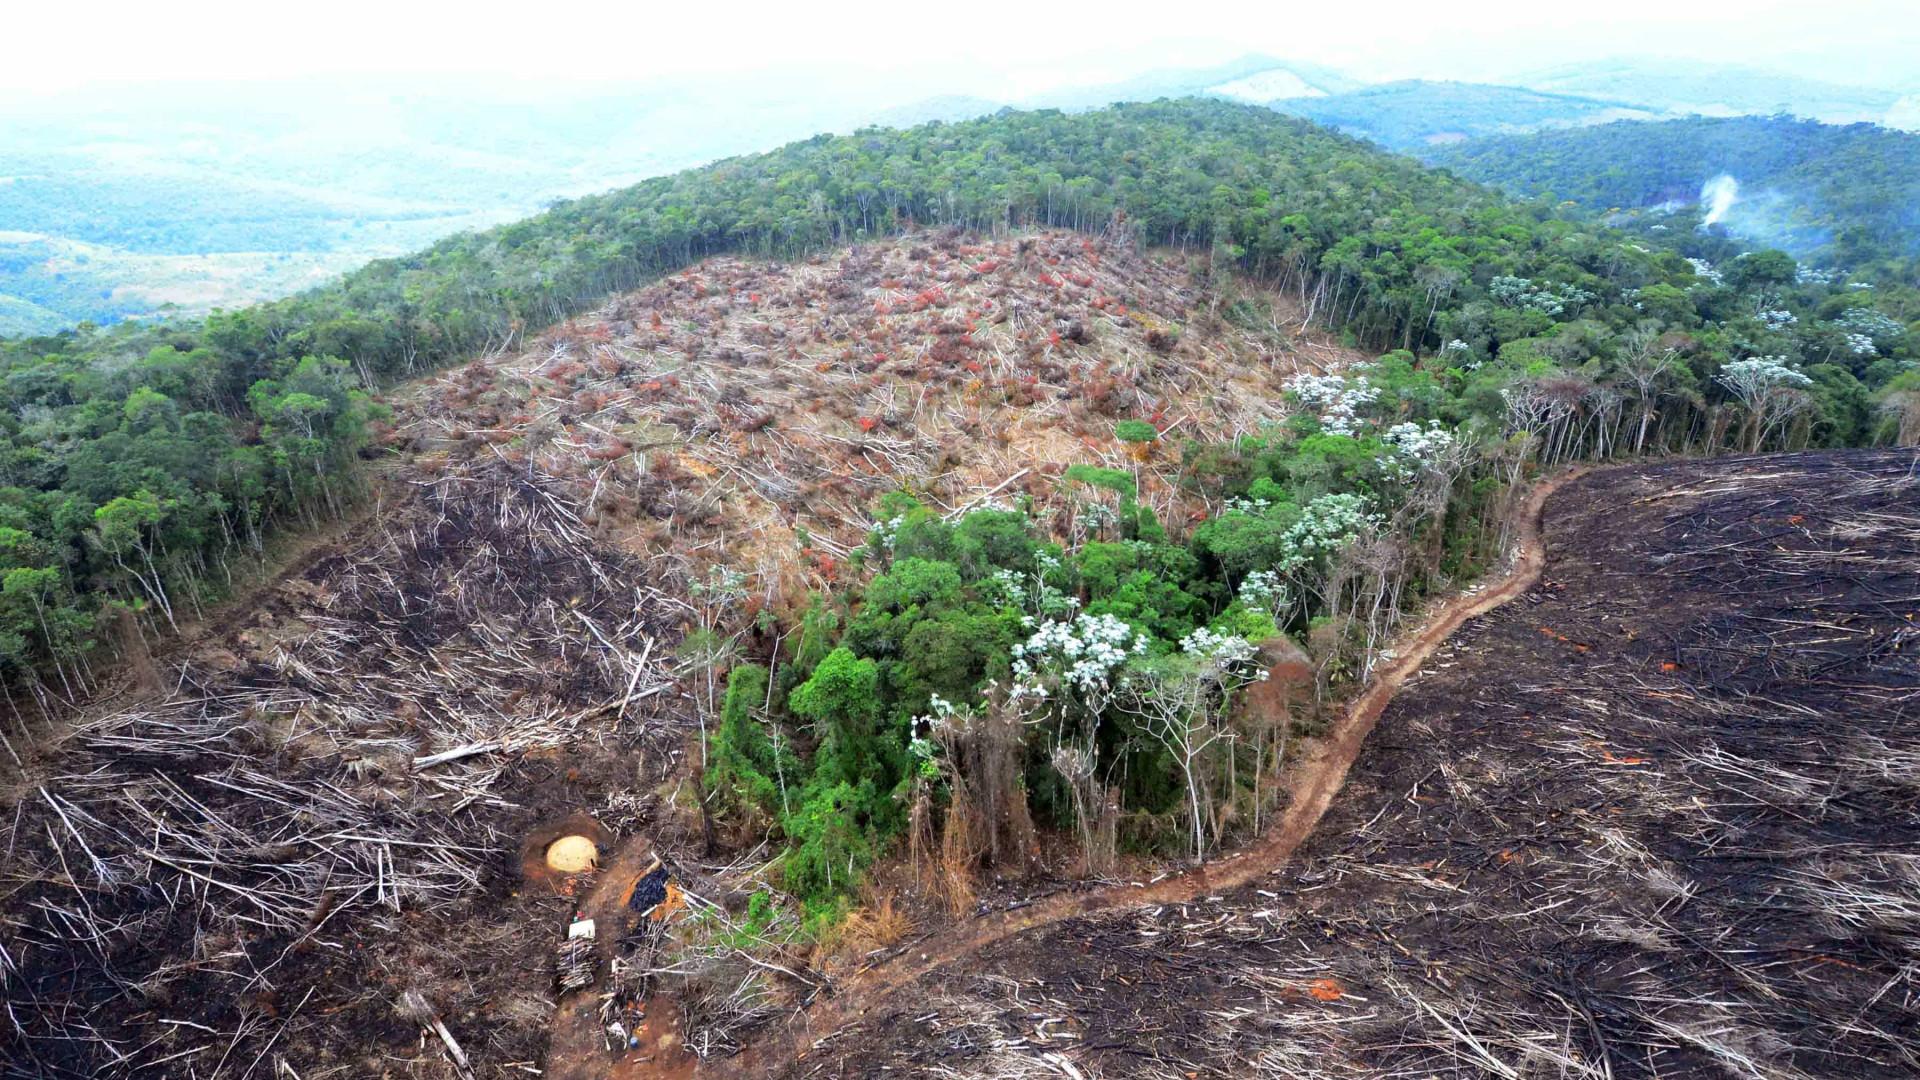 Vaticano critica ação de 'interesses econômicos' na Amazônia